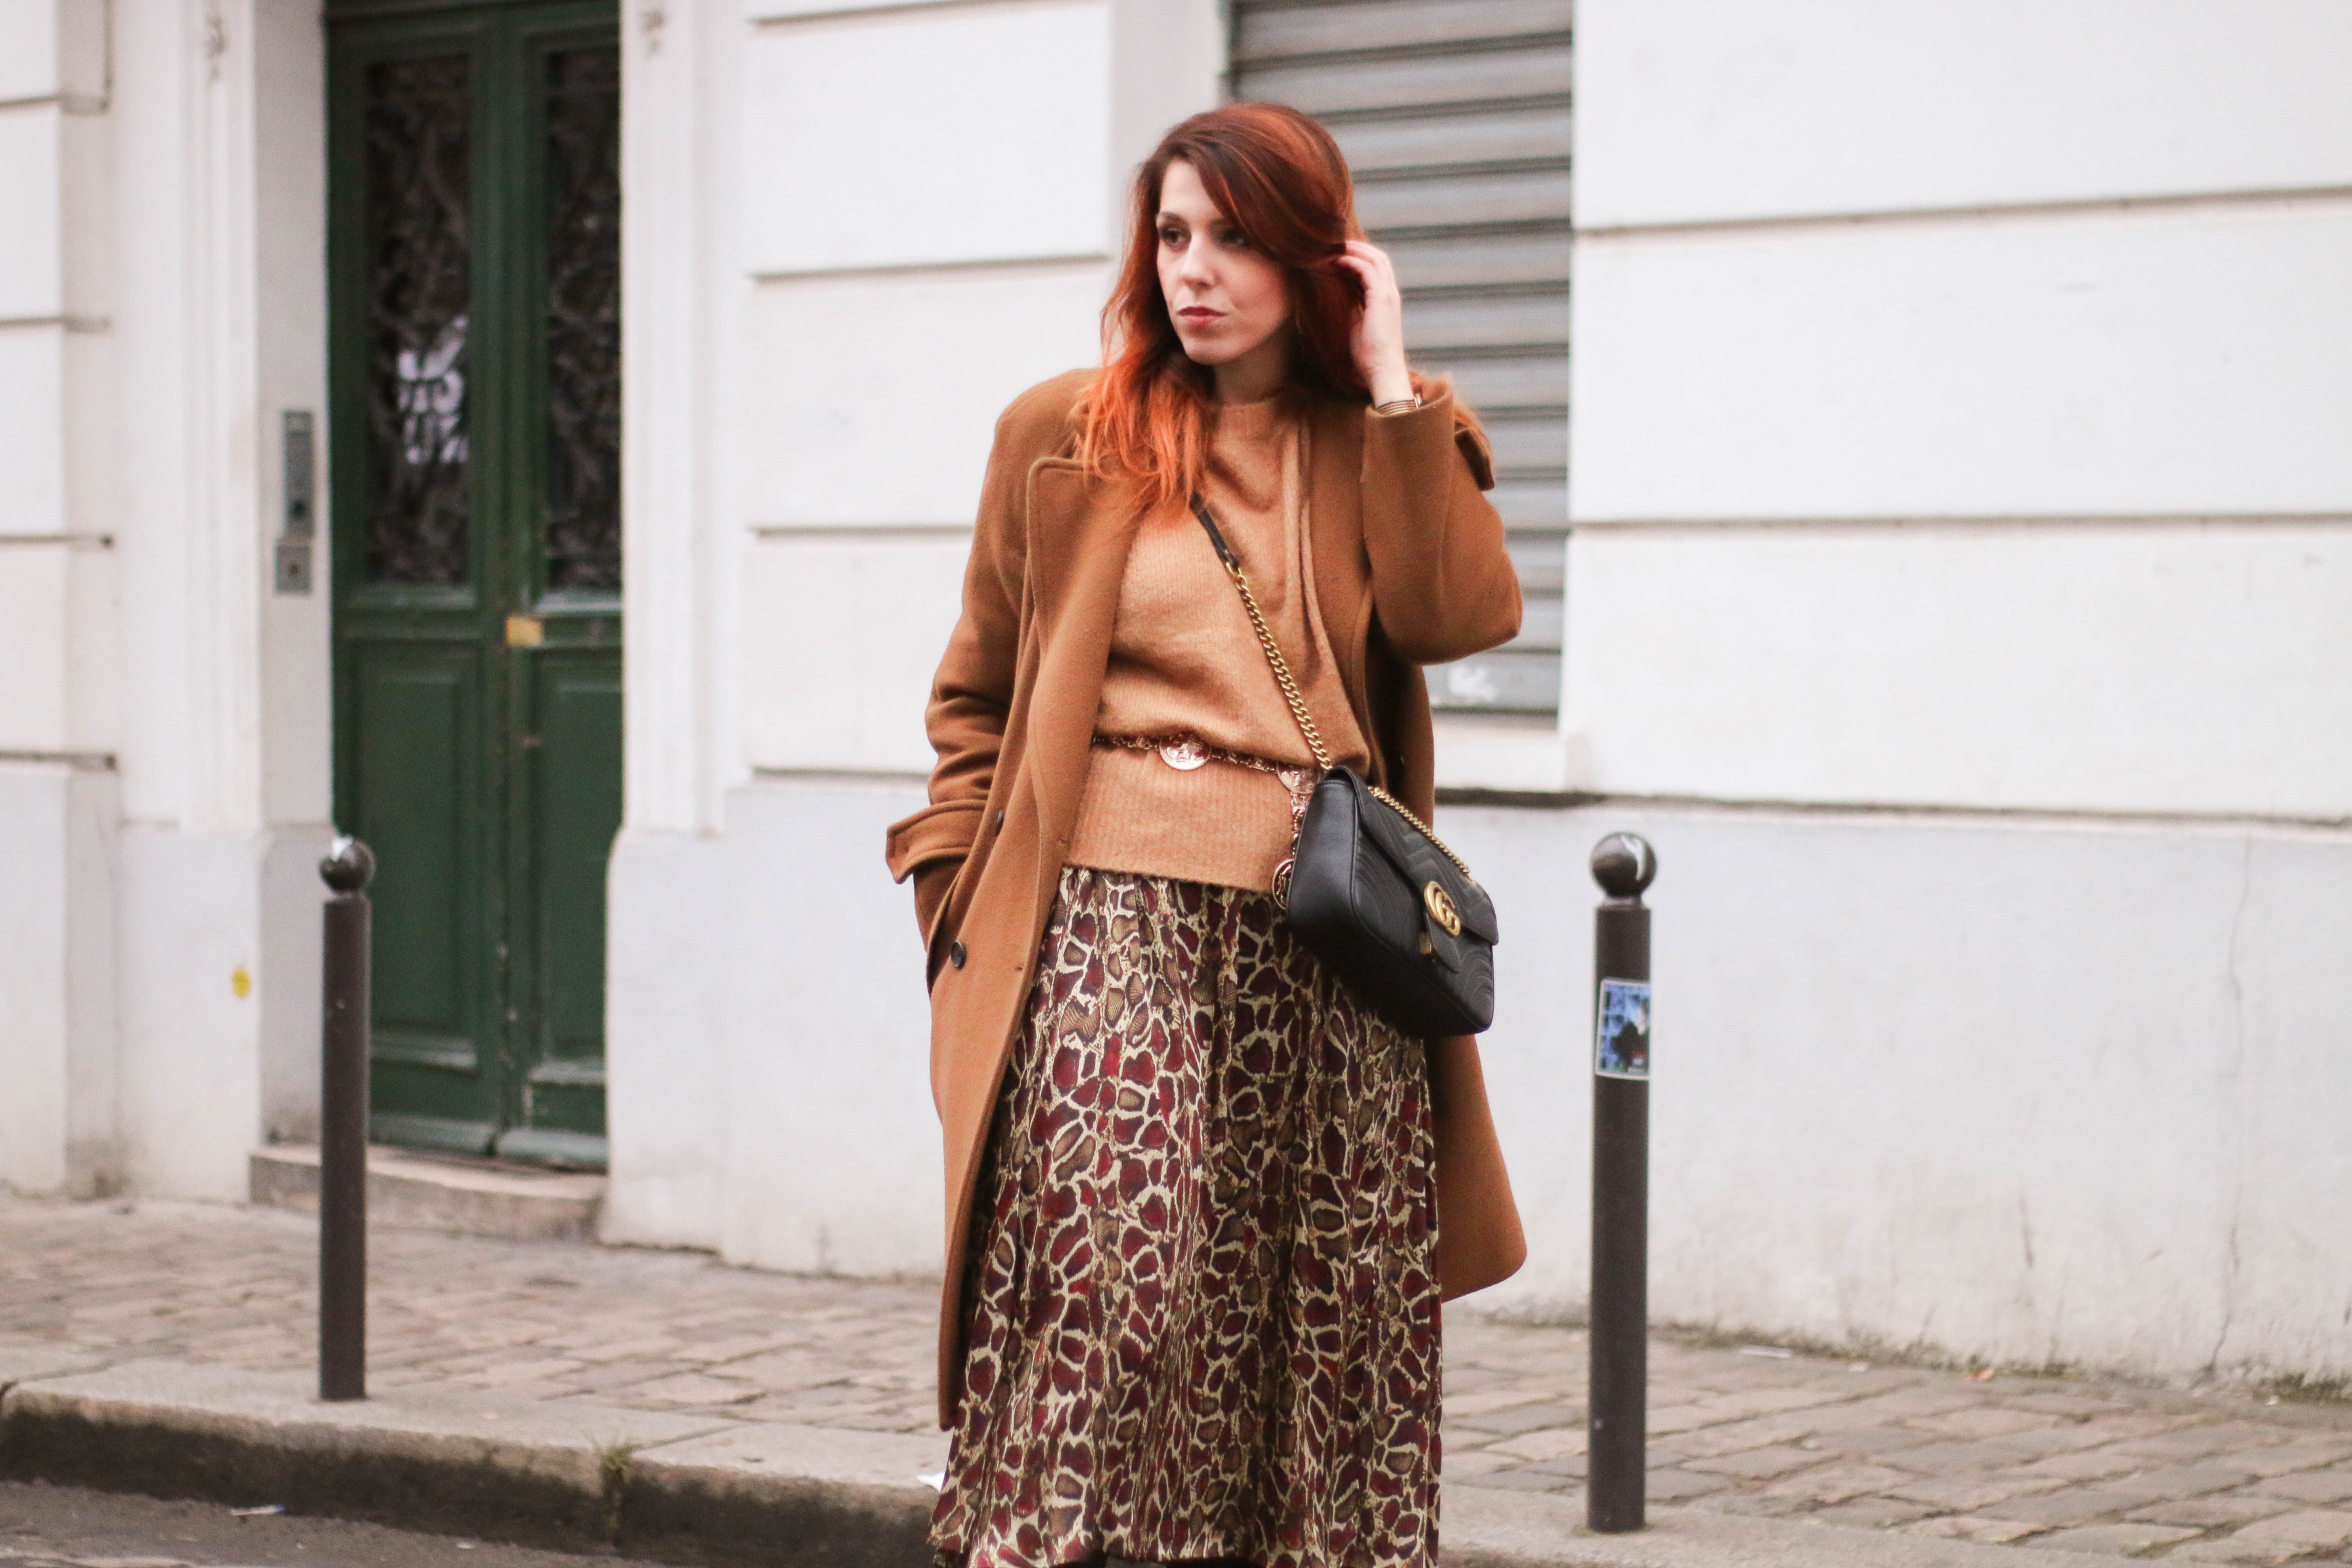 Ceinture chaine medaillon jupe leopard Paris Montmartre Charlie Sugar Town montre cluse blog retro vintage paris